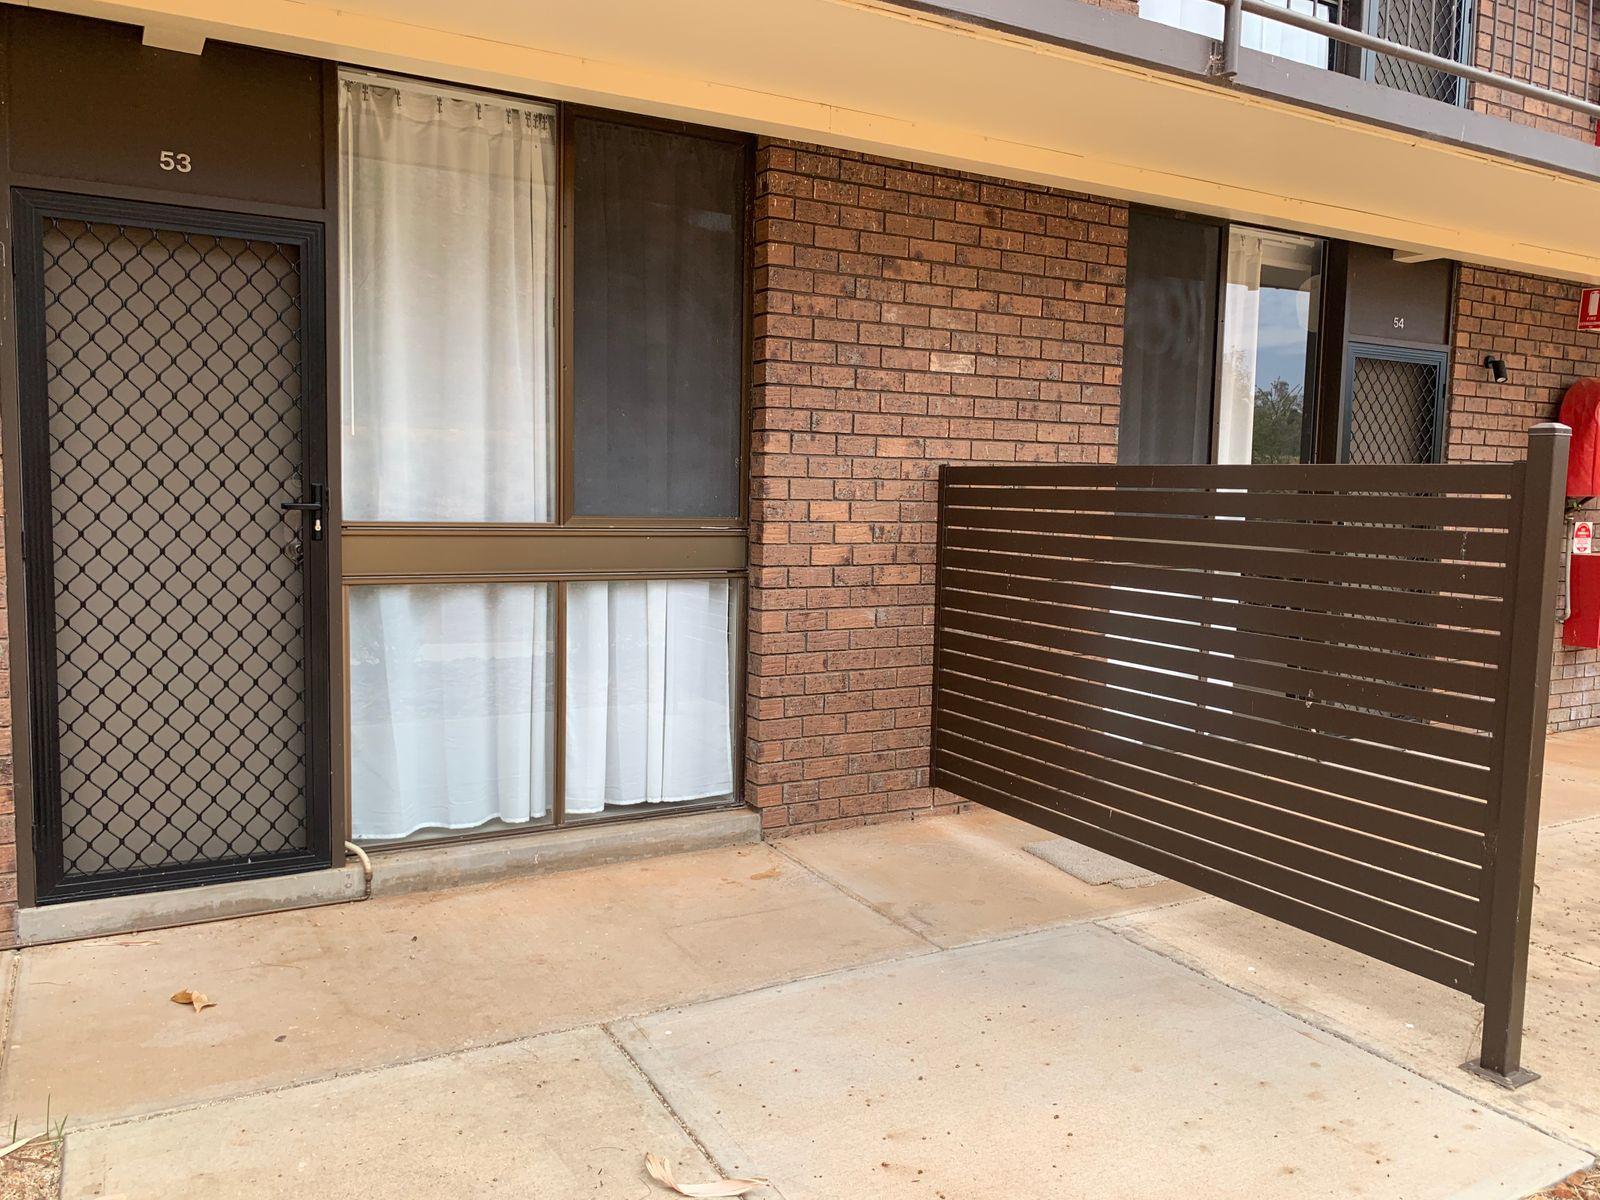 53/6 Stephens Road, Alice Springs, NT 0870